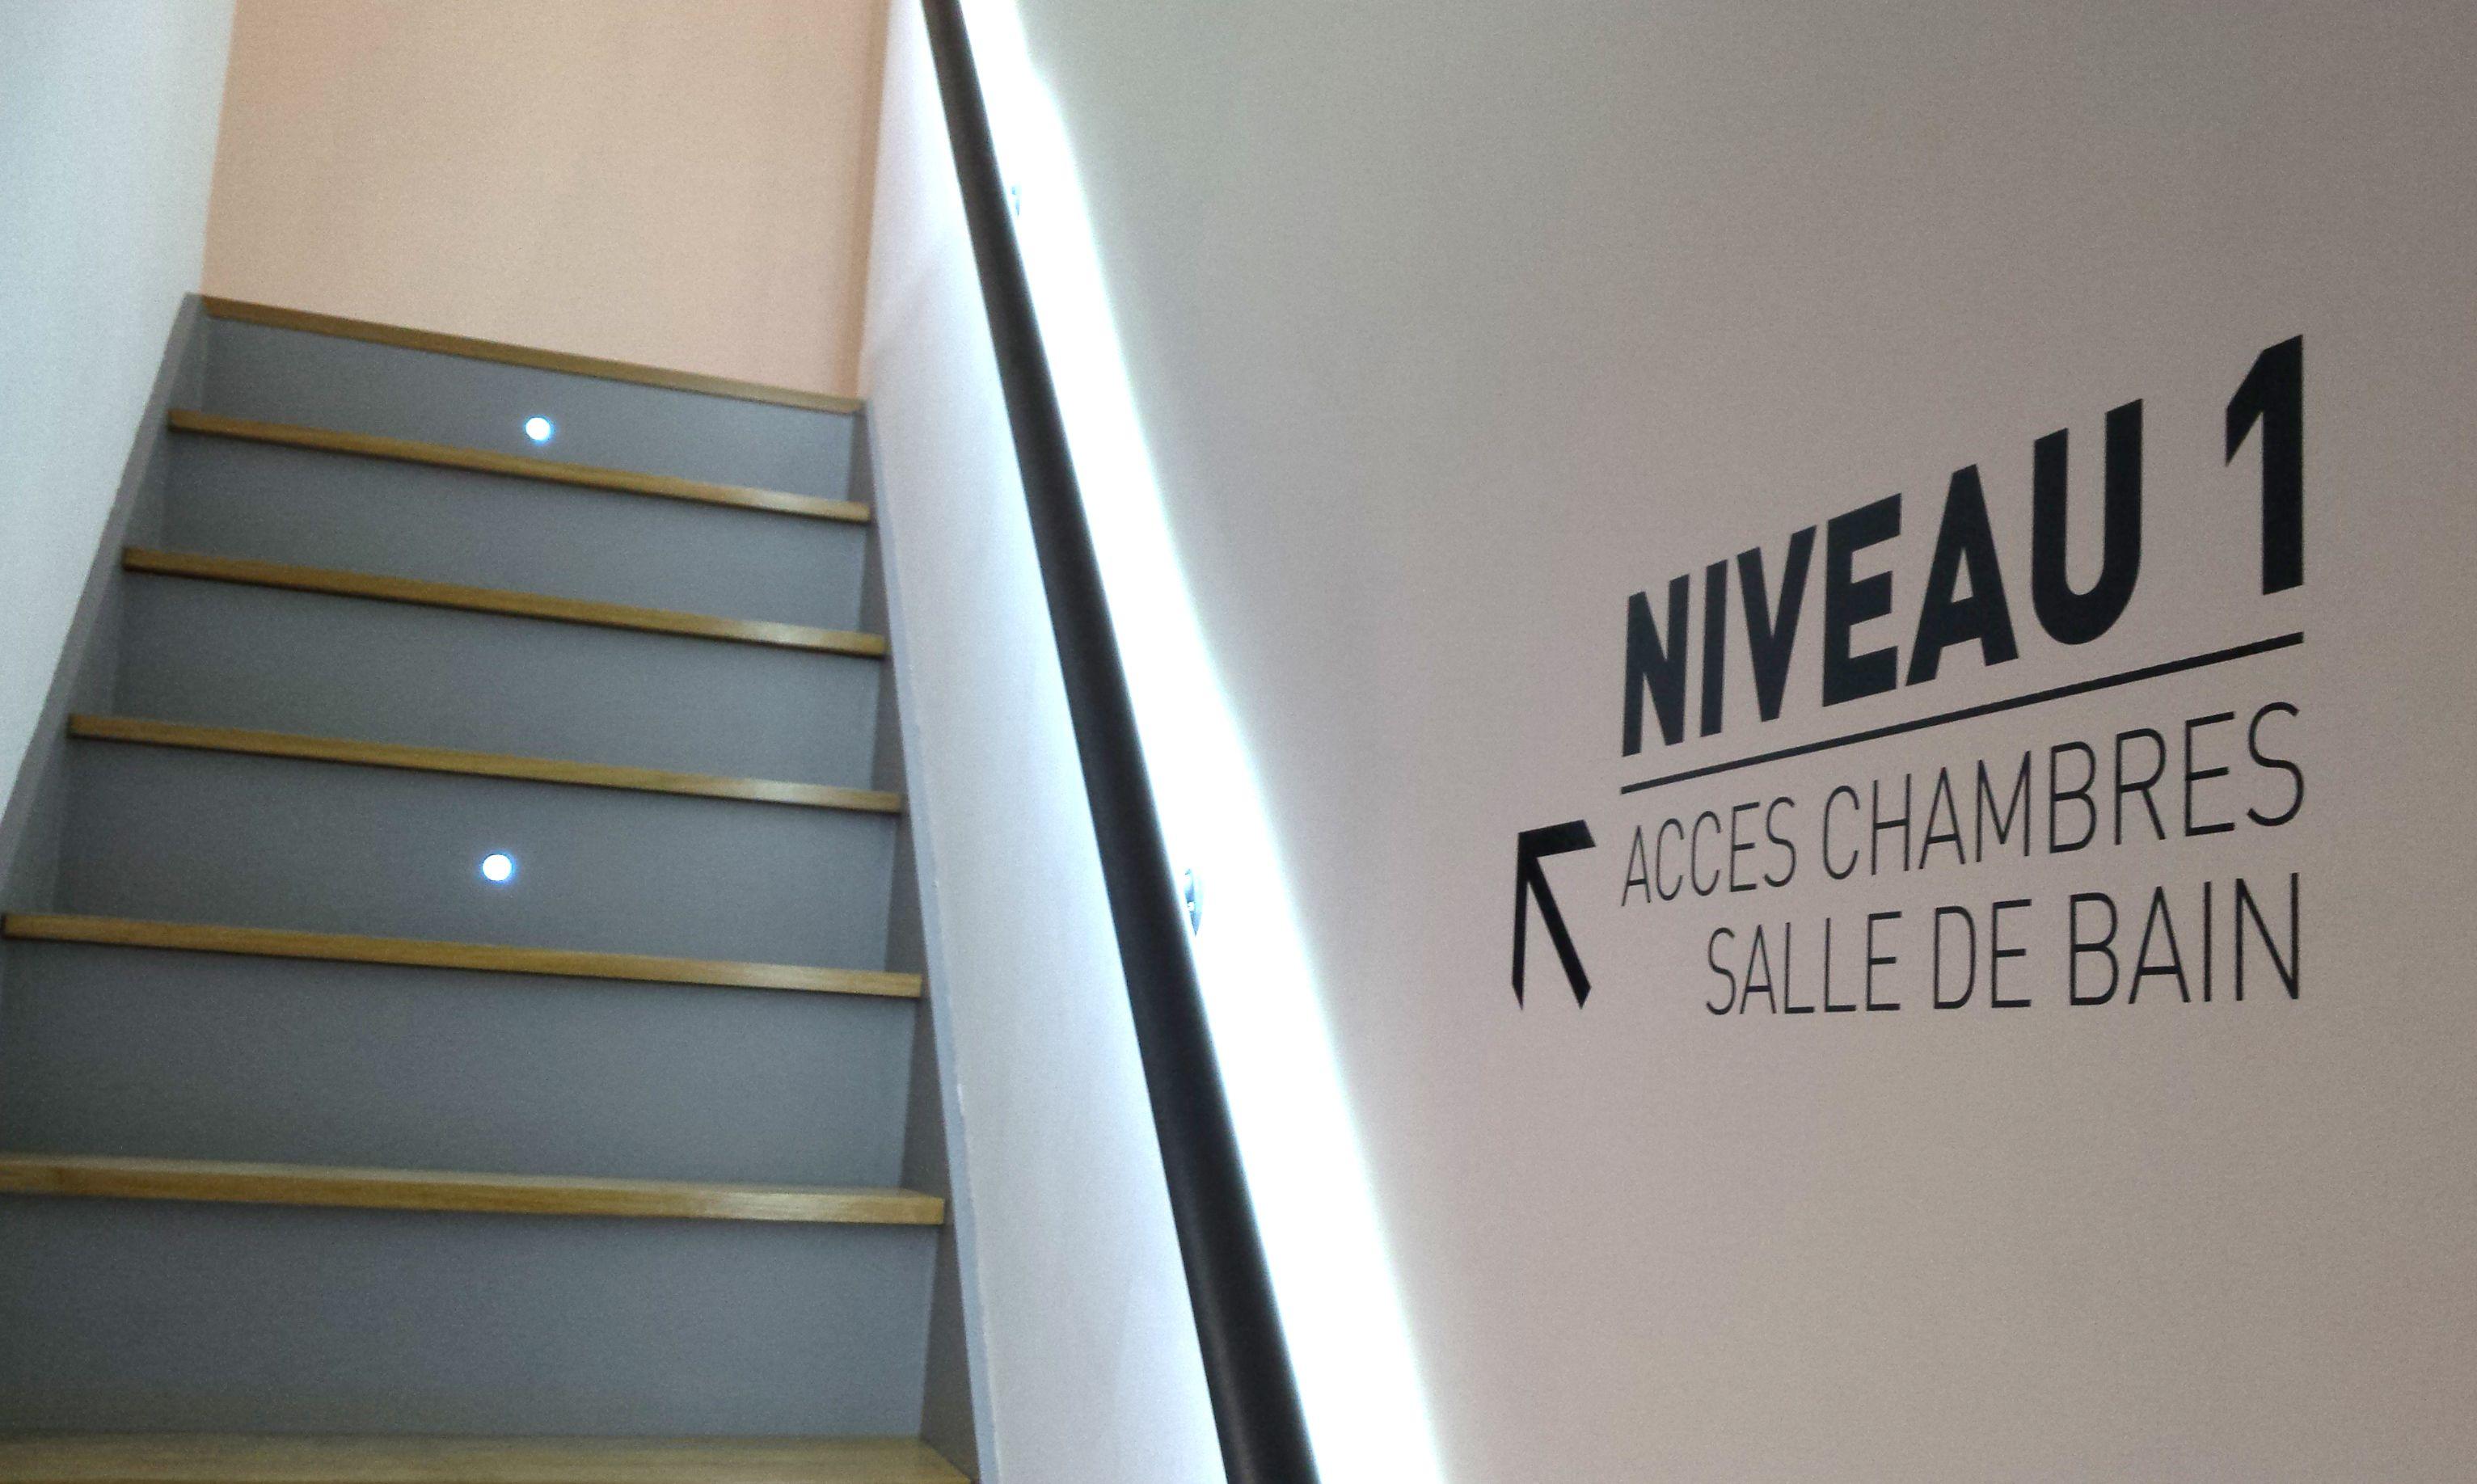 decoration escalier avec eclairage led derriere la rampe escaliers decor et loft. Black Bedroom Furniture Sets. Home Design Ideas